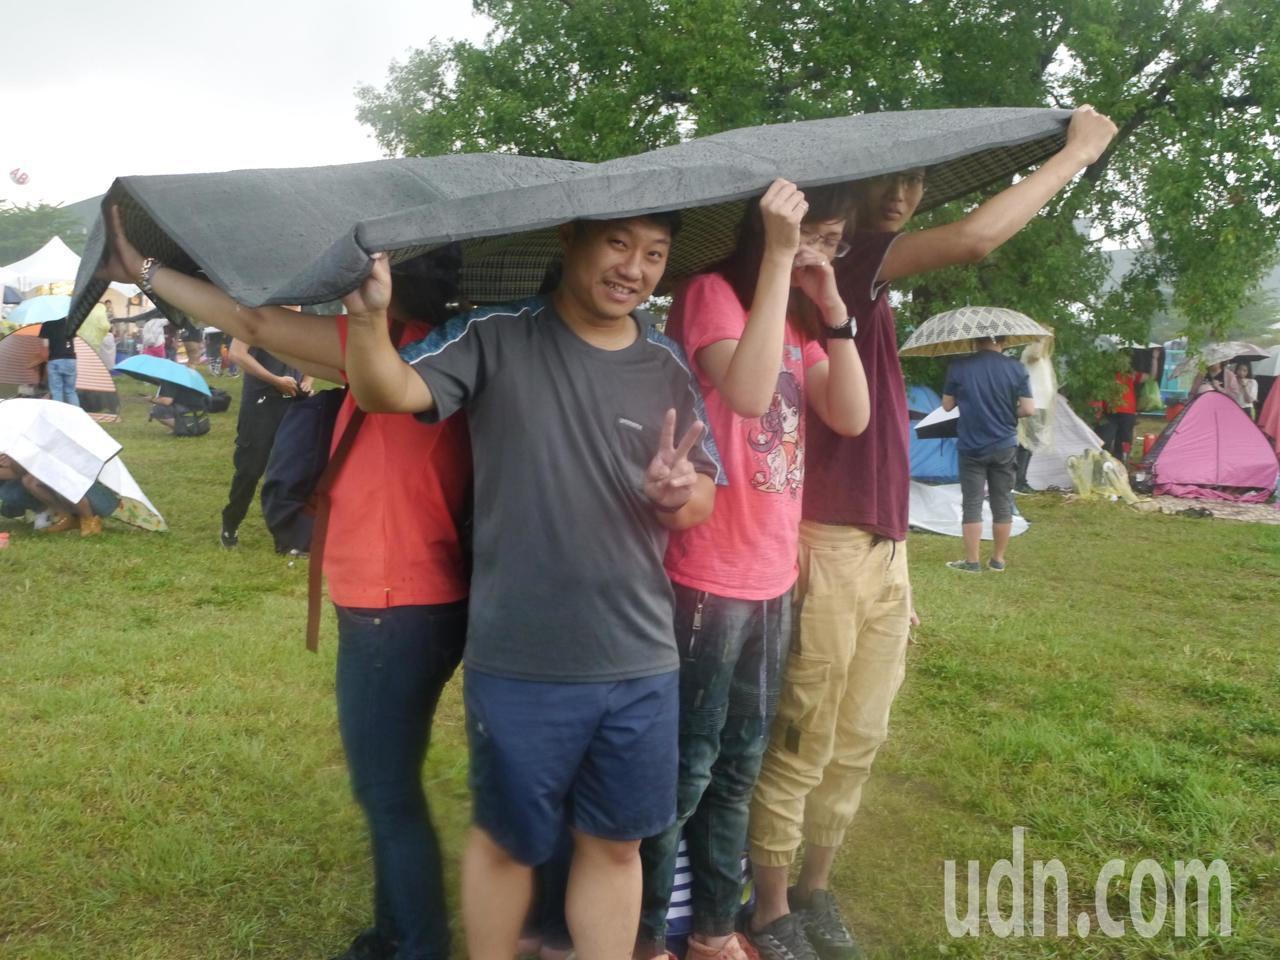 一群年輕人拿野餐地墊當雨具,以克難方式繼續聽歌。記者徐白櫻/攝影